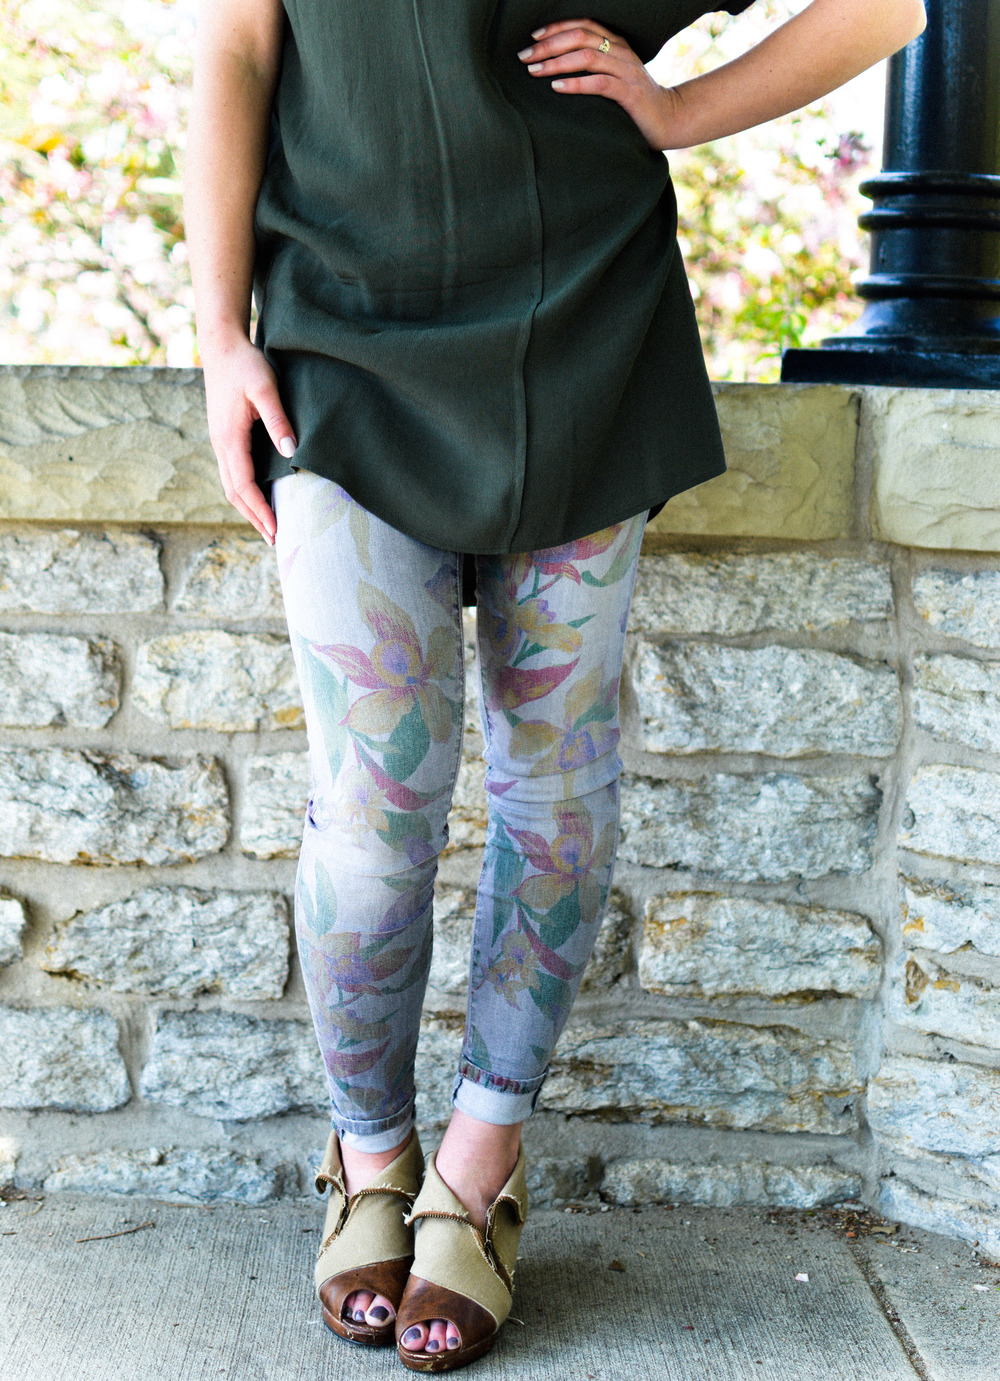 dress over jeans.jpg